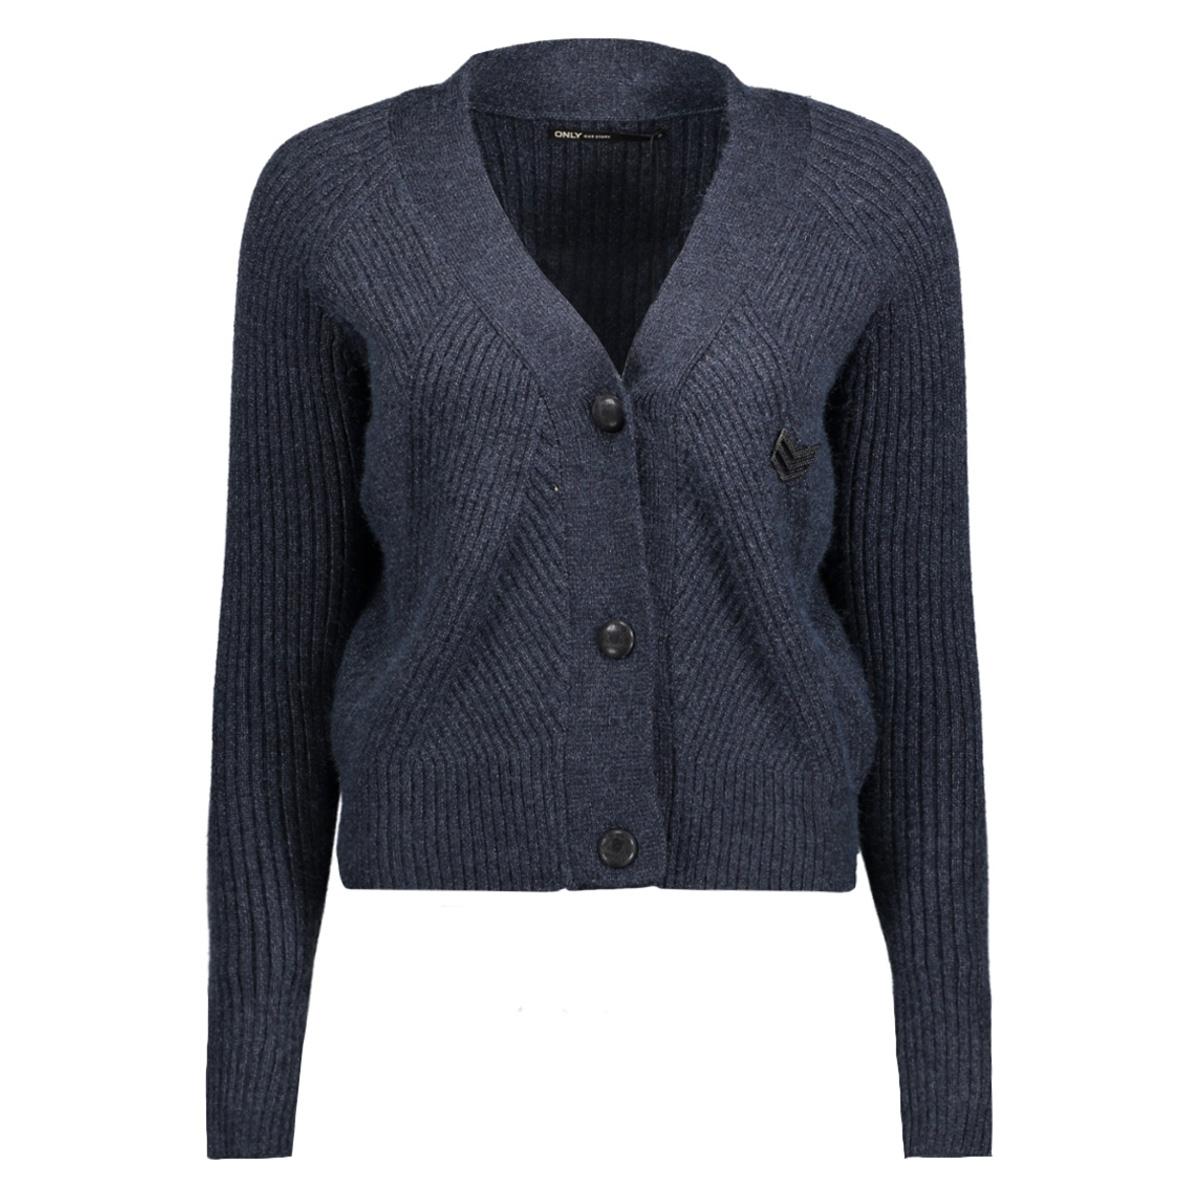 onlsmilla l/s button cardigan knt 15140086 only vest sky captain/w melange